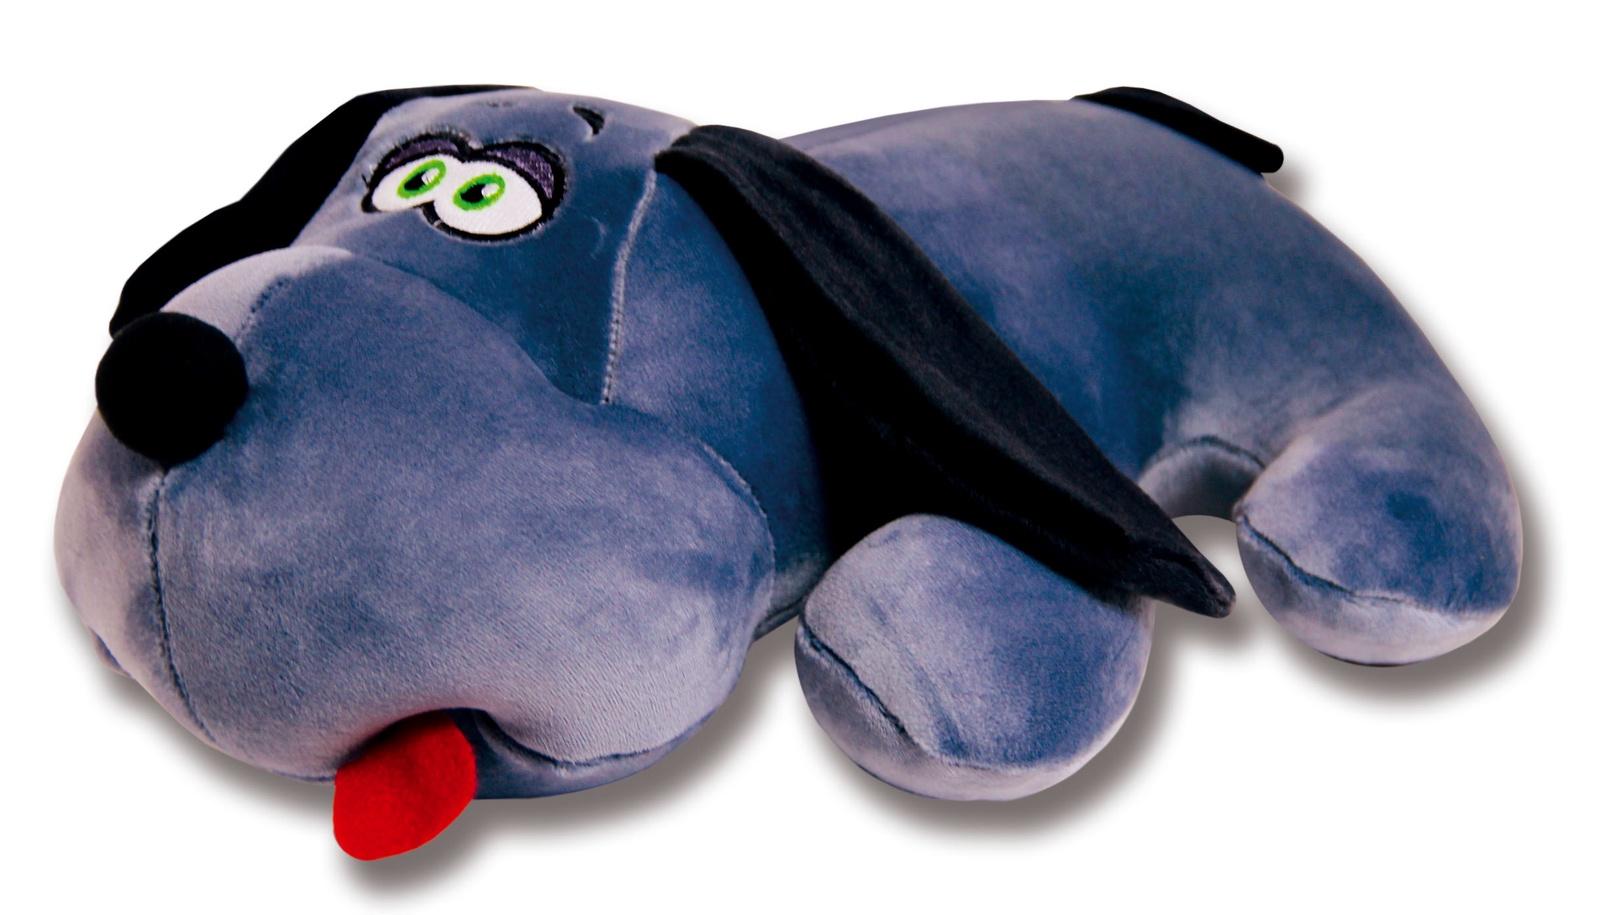 Подушка-игрушка Штучки, к которым тянутся ручки антистрессовая Собака Джой, серый